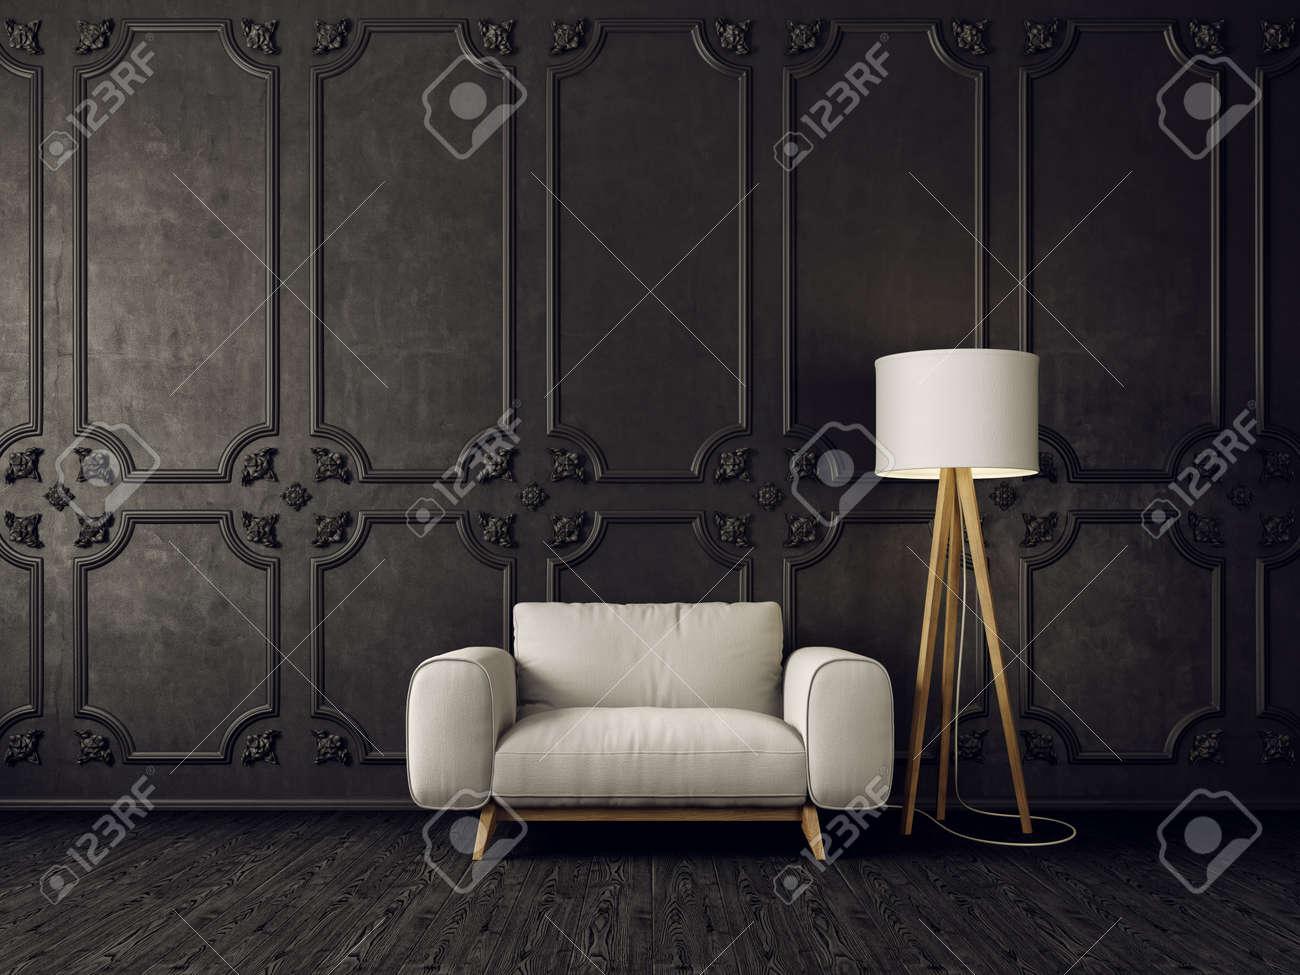 Excepcional Muebles Modernos Sillón Blanco Modelo - Muebles Para ...